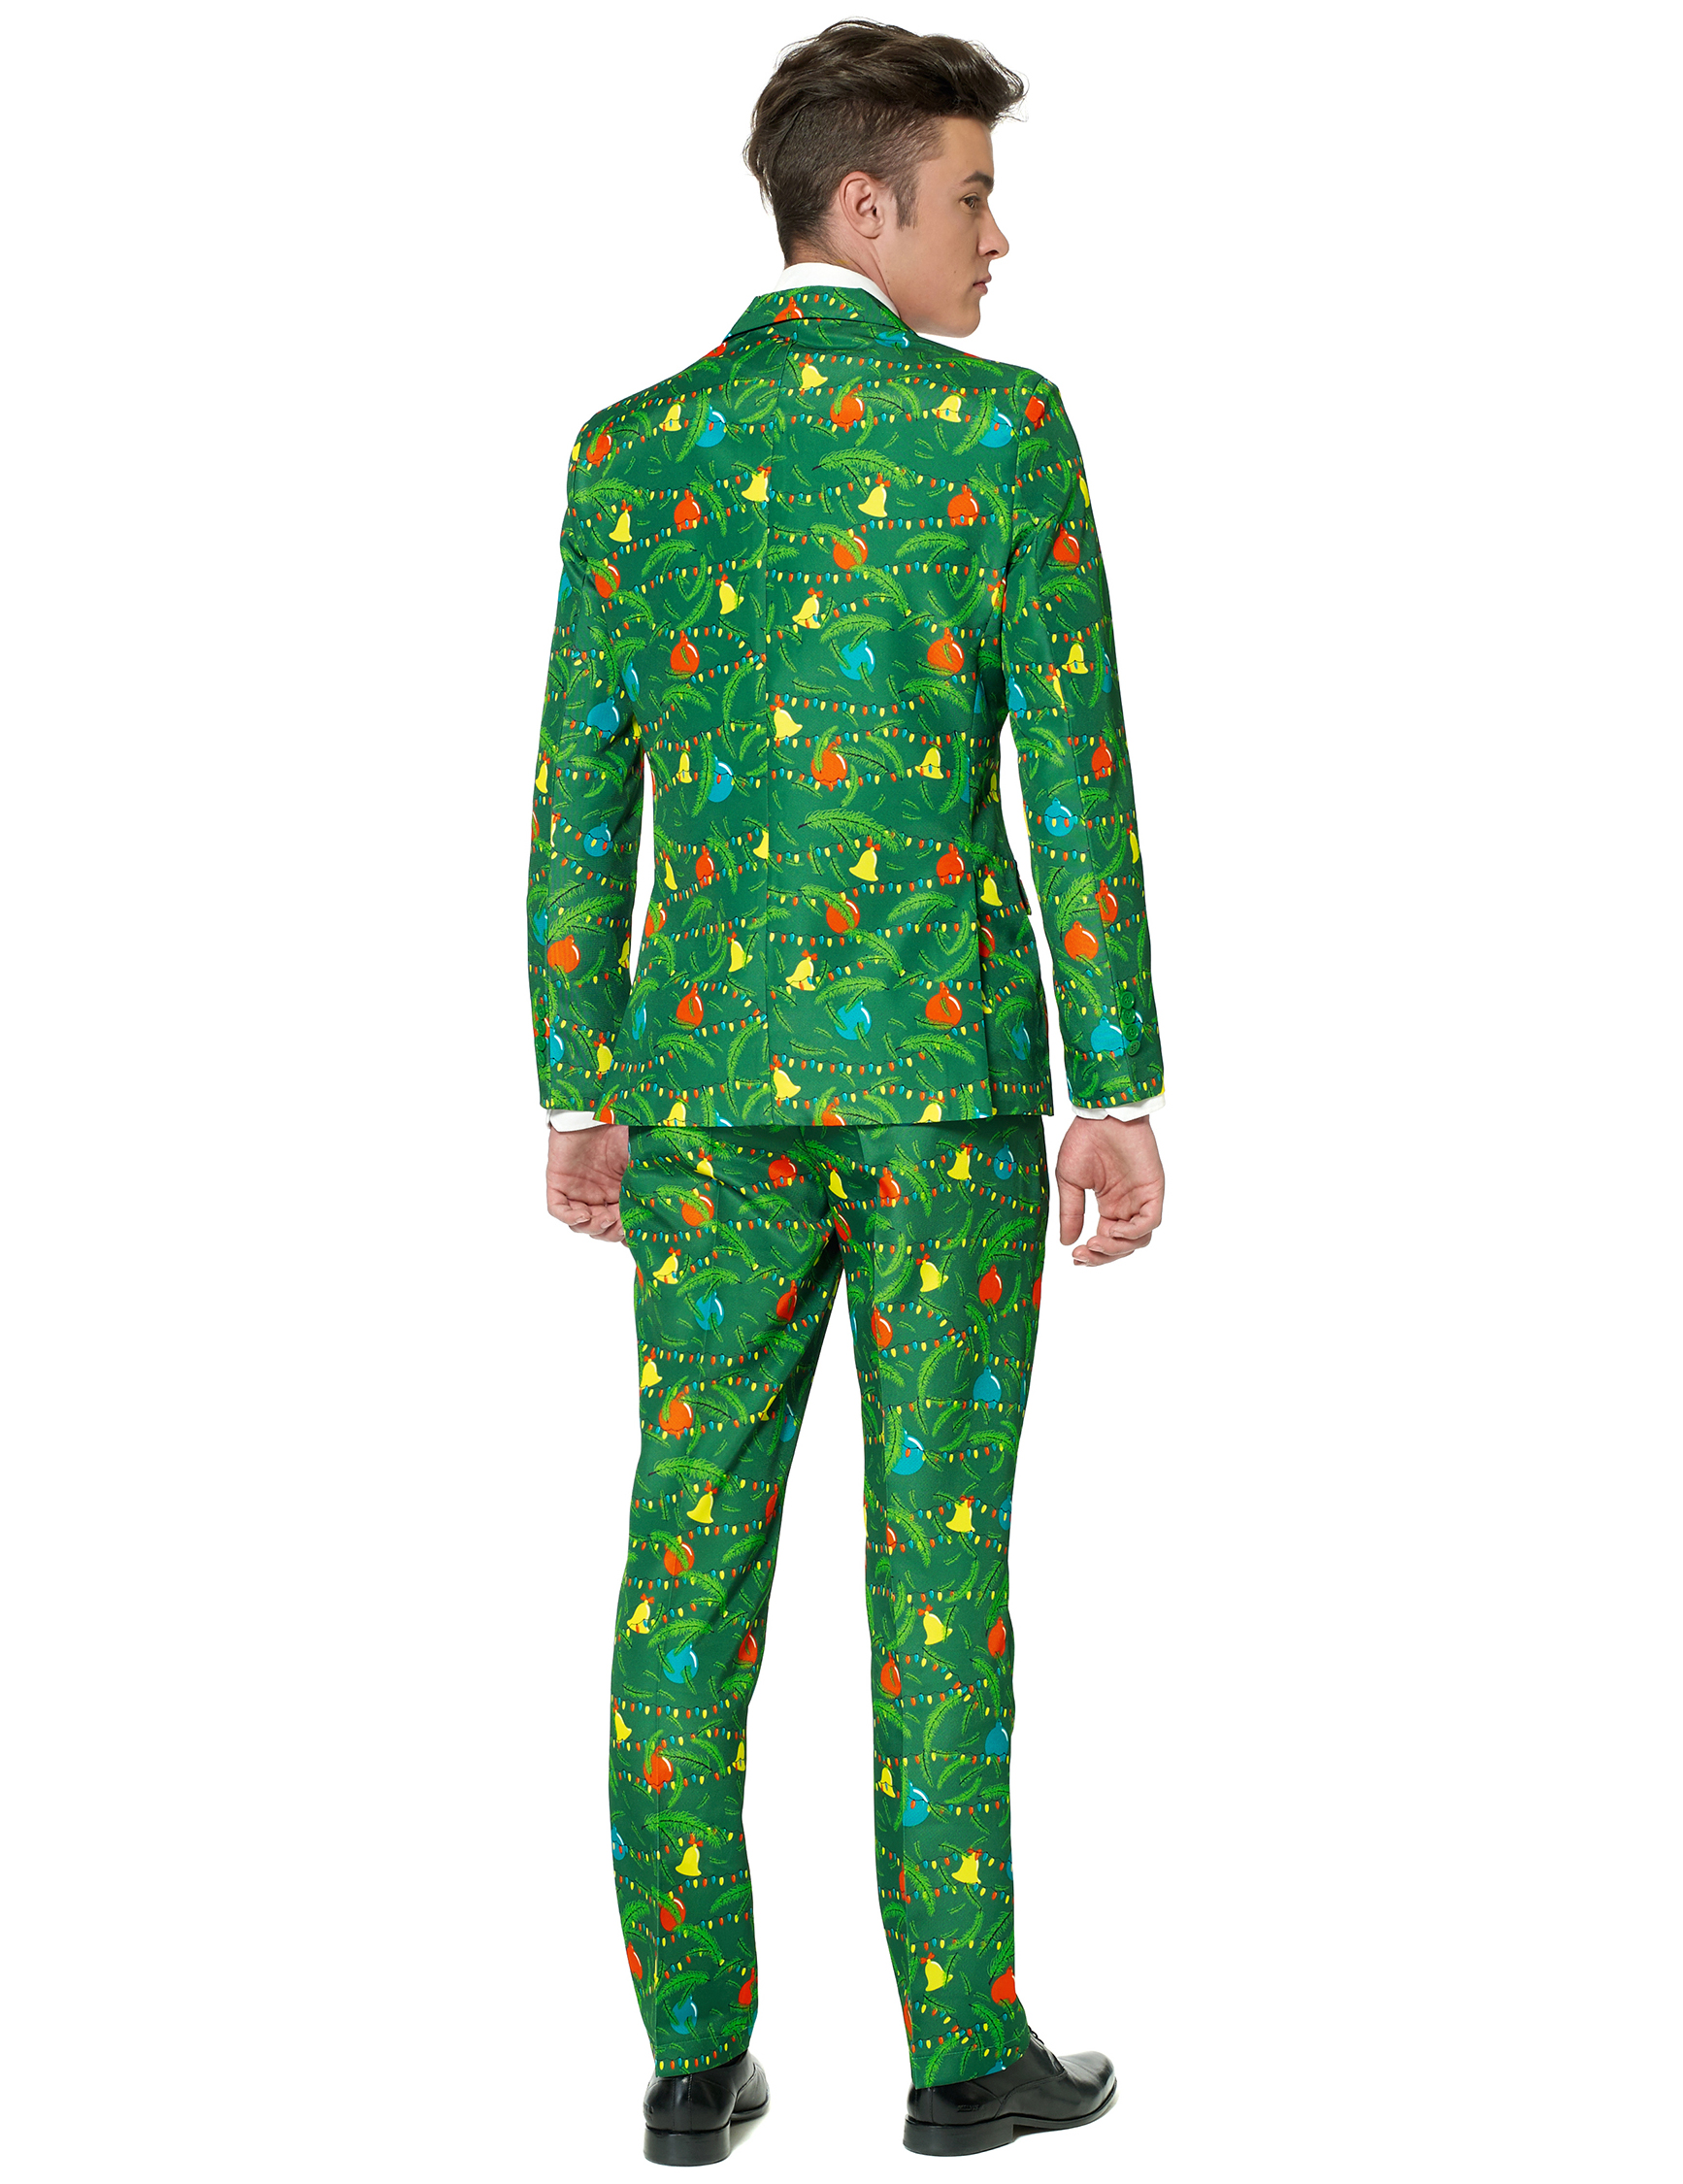 2ad3dd878d9a53 Suitmeister™ kerstboom kostuum voor mannen: Volwassenen kostuums,en ...